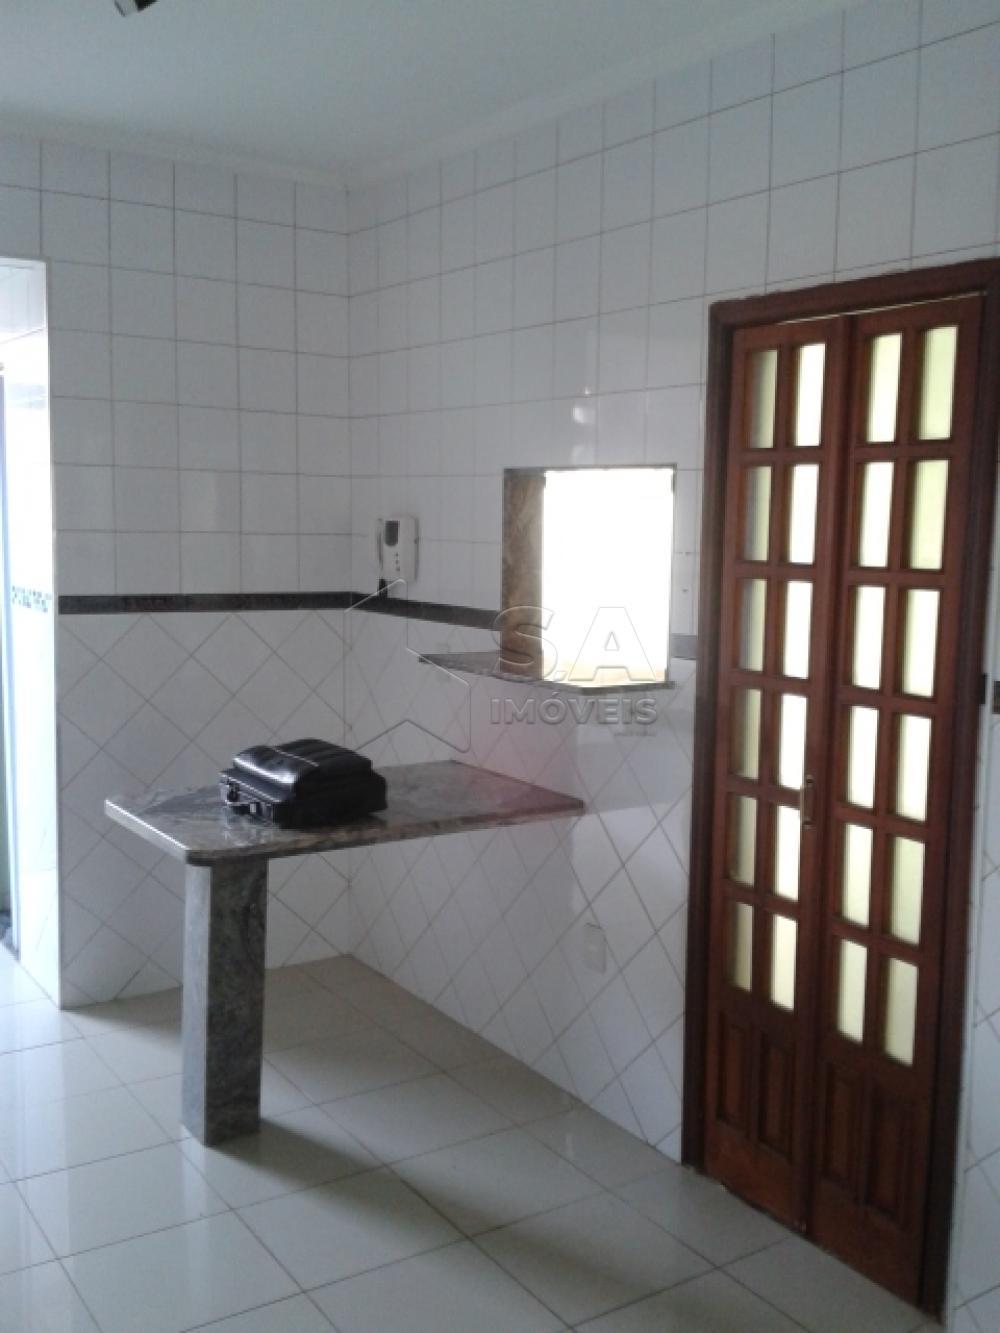 Comprar Casa / Padrão em Botucatu apenas R$ 510.000,00 - Foto 4